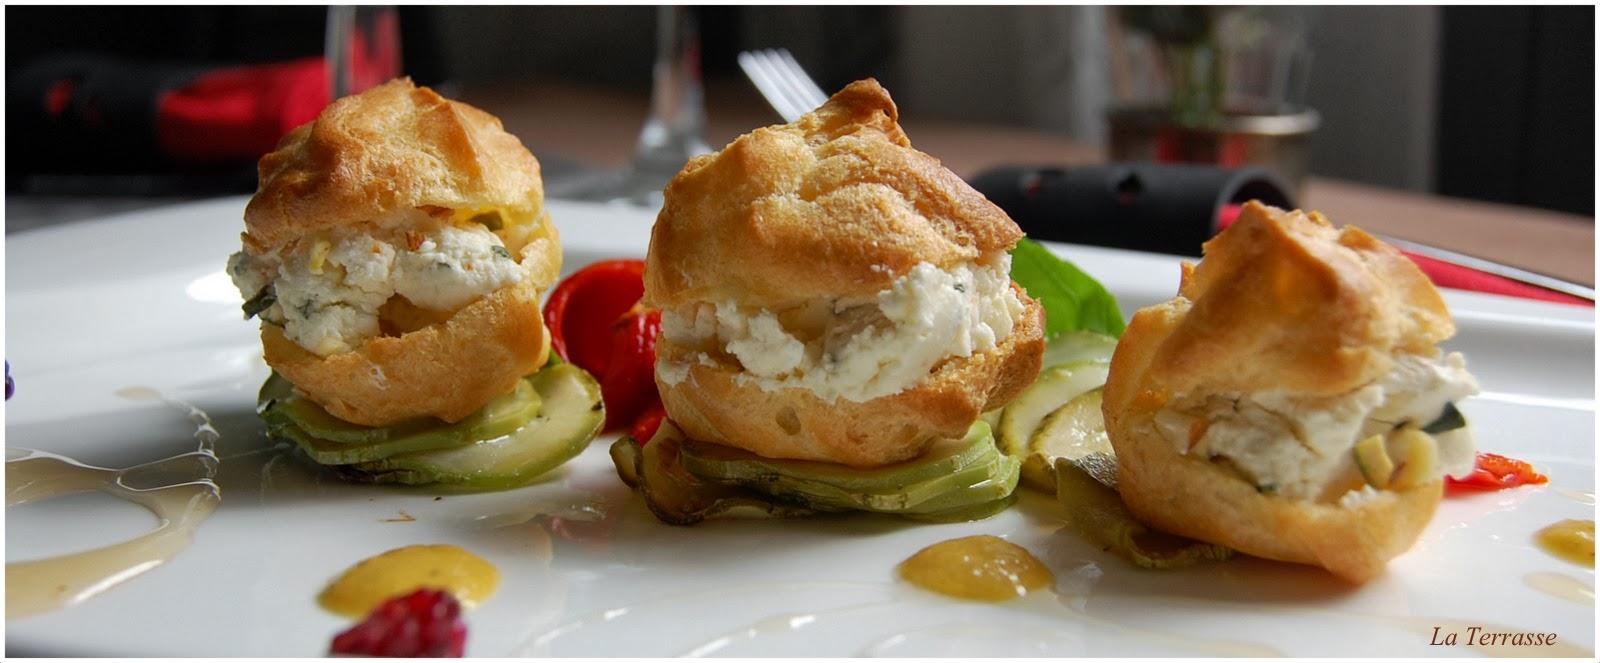 La Terrasse French Cuisine A La Carte